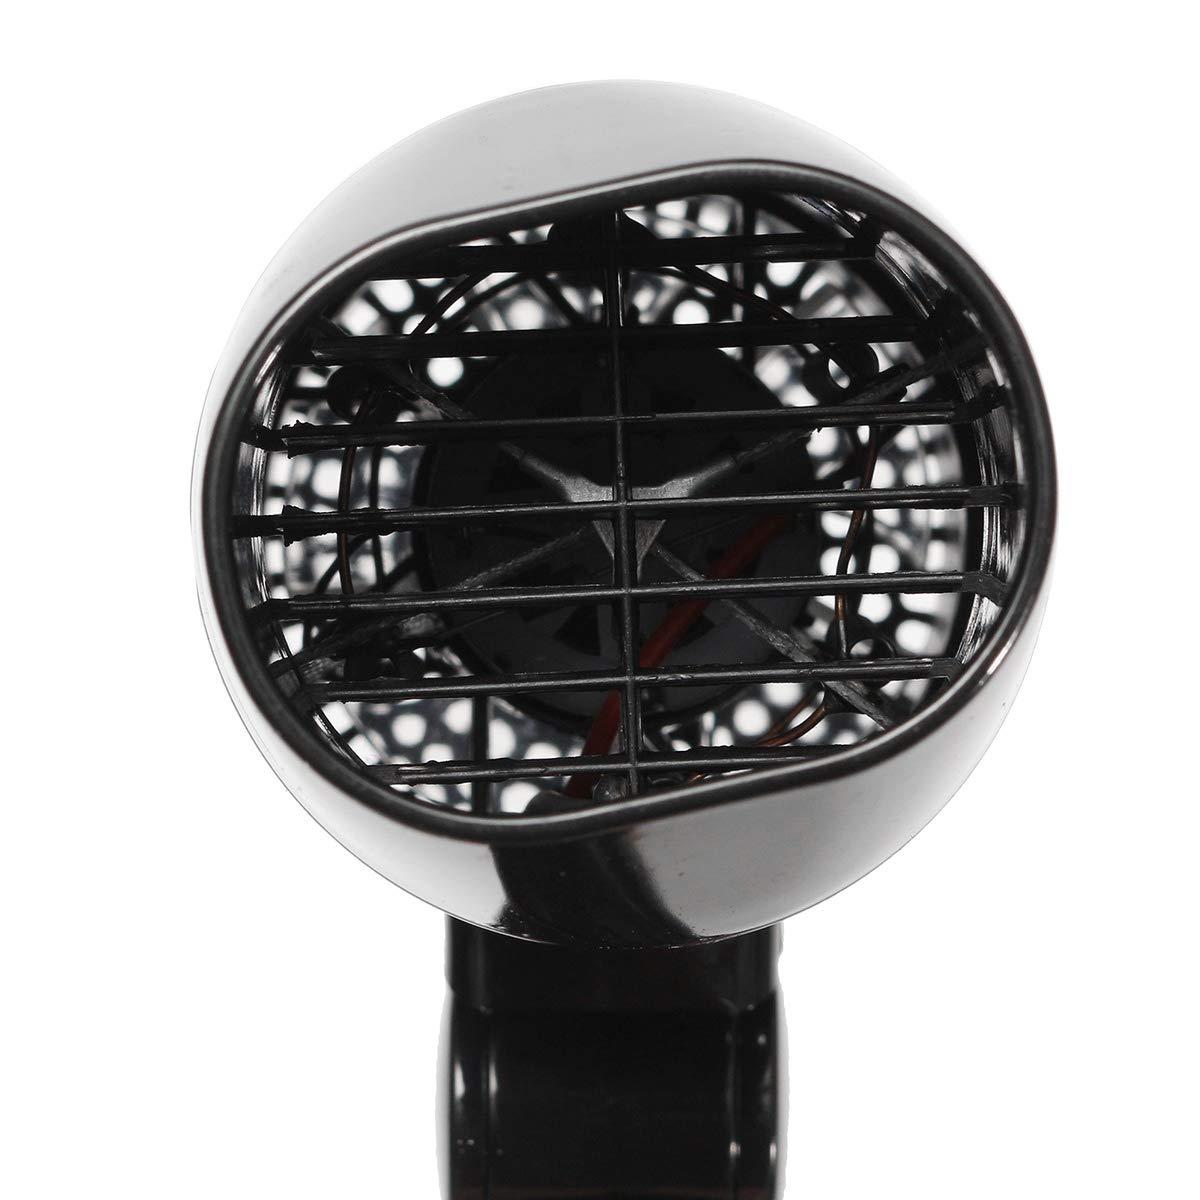 Semoic S/éChoir /à Cheveux De Voiture Ventilateur Pliable Portatif Vent Chaud Dc12V 216W Chauffage Pour Voyager Poign/éE De Rangement Facile Fen/êTre Du V/éHicule De D/éGivrage